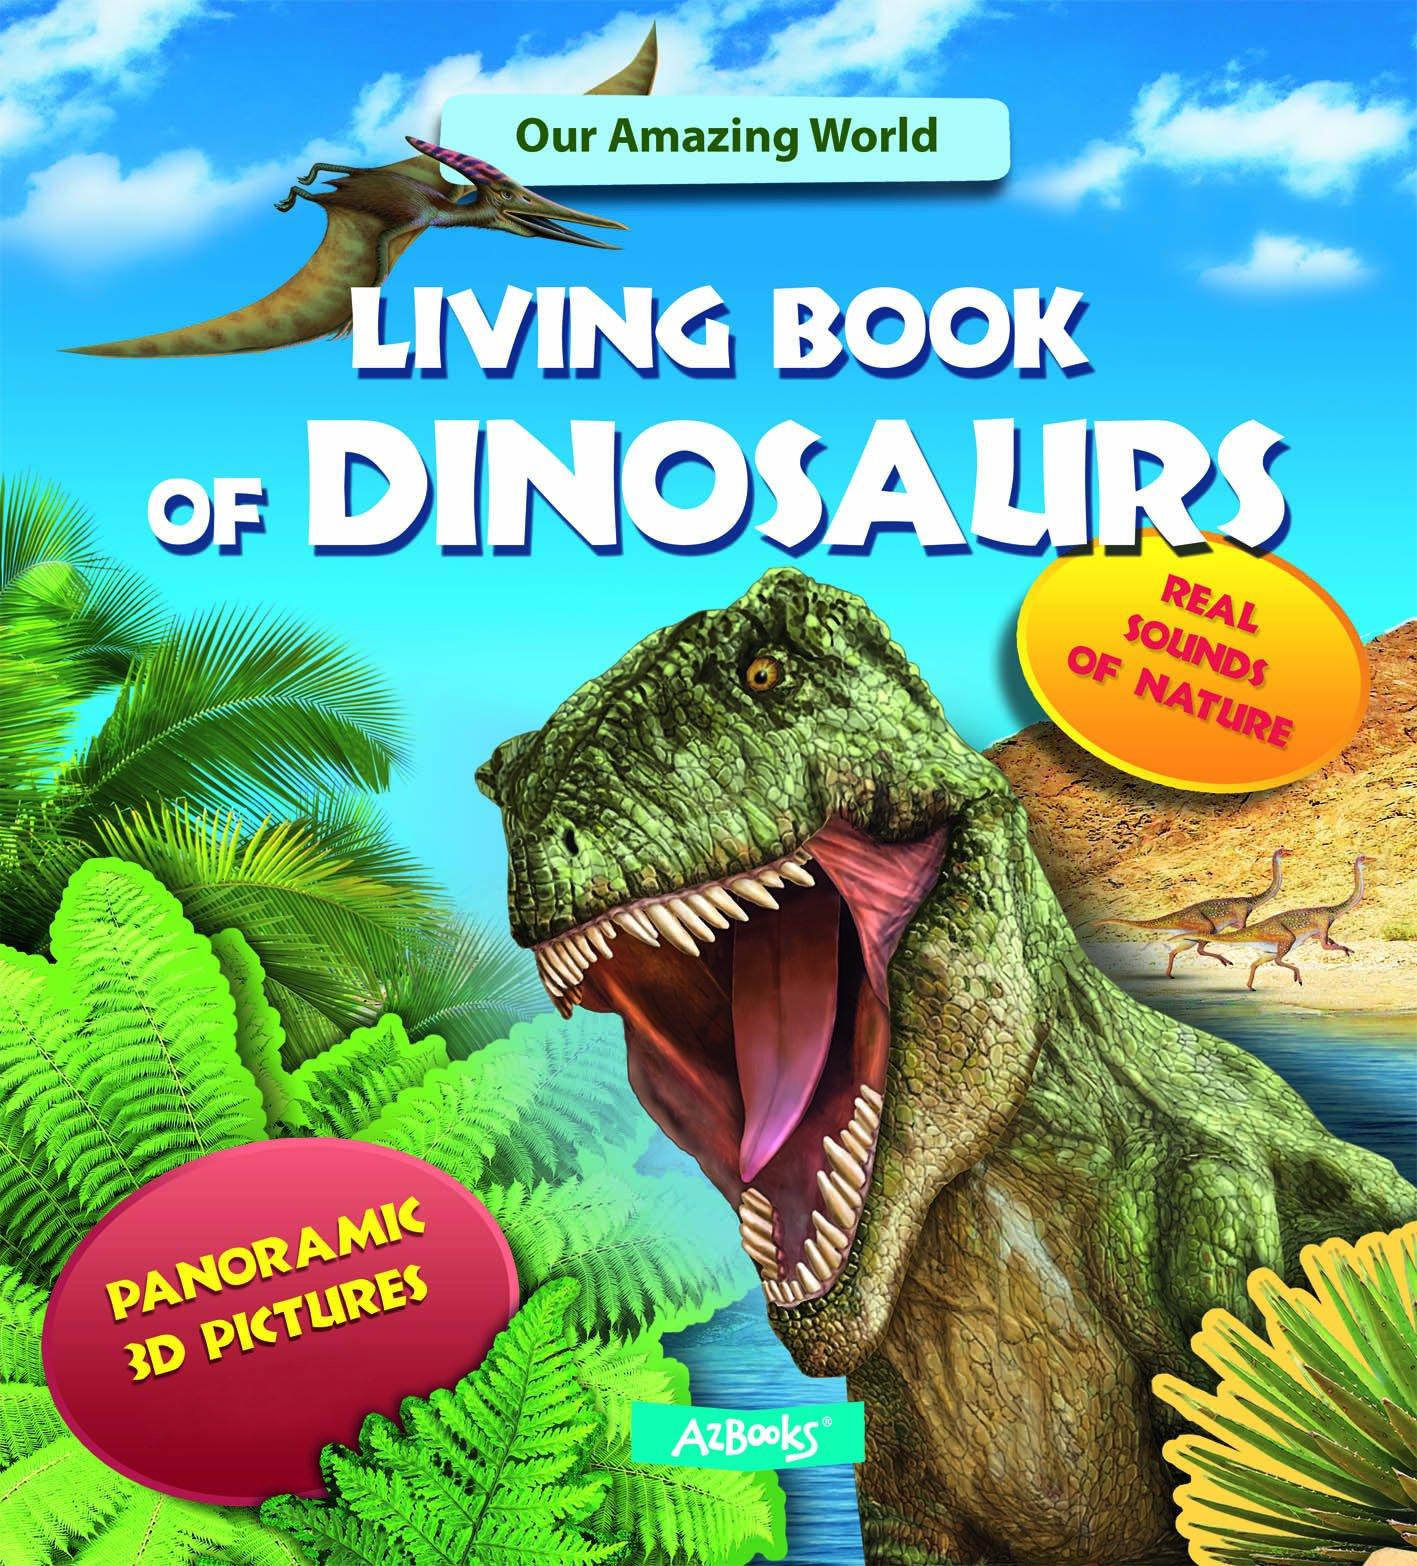 Скачать книгу на андроид про динозавров